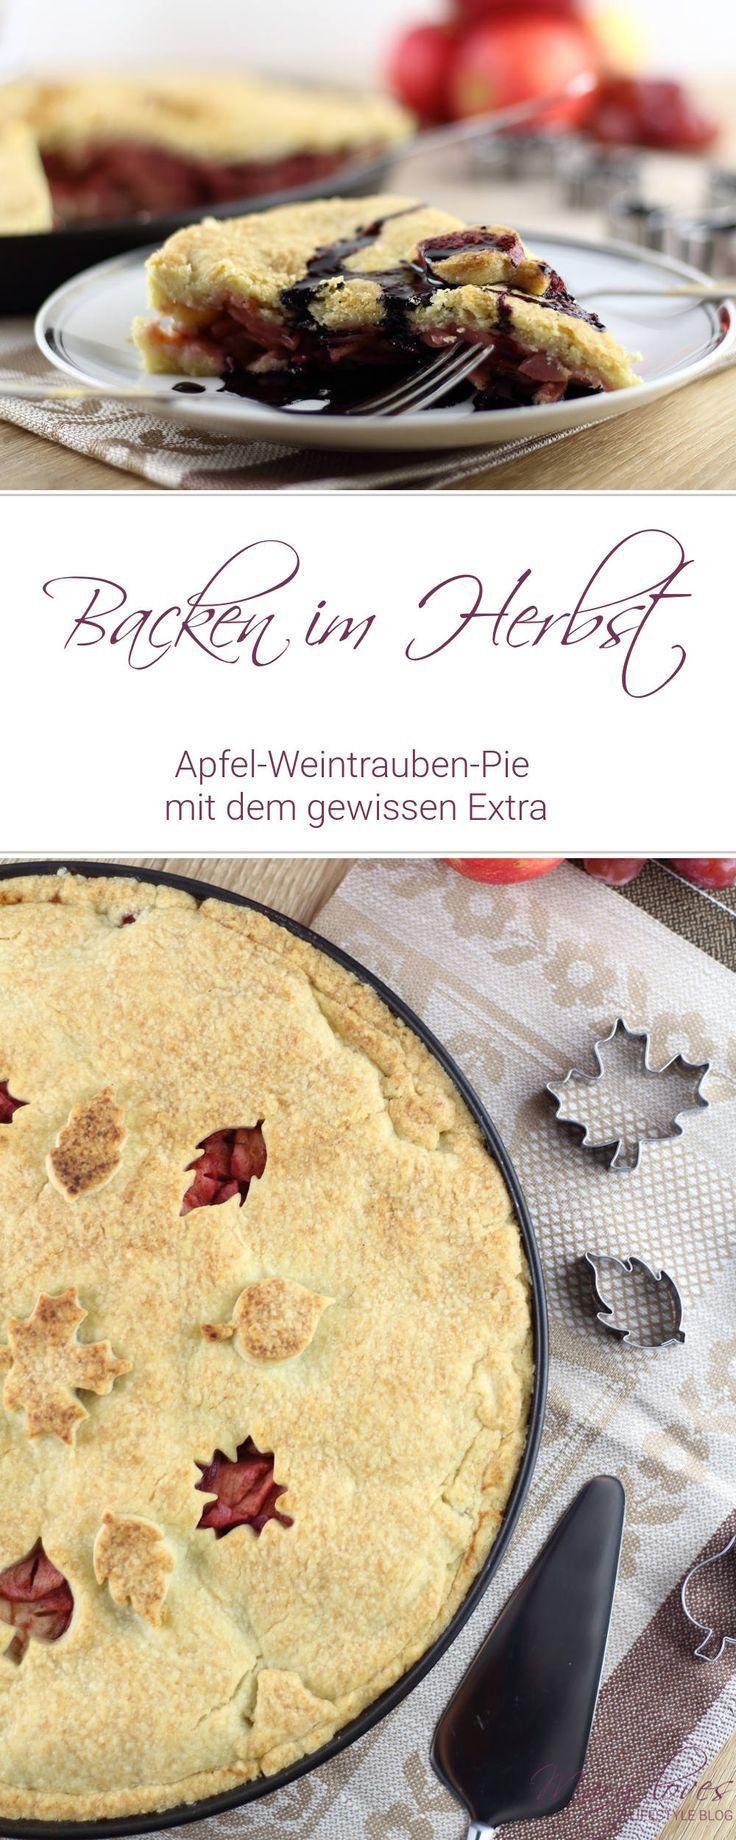 Apfel-Weintrauben-Pie mit dem gewissen Extra - Mary Loves